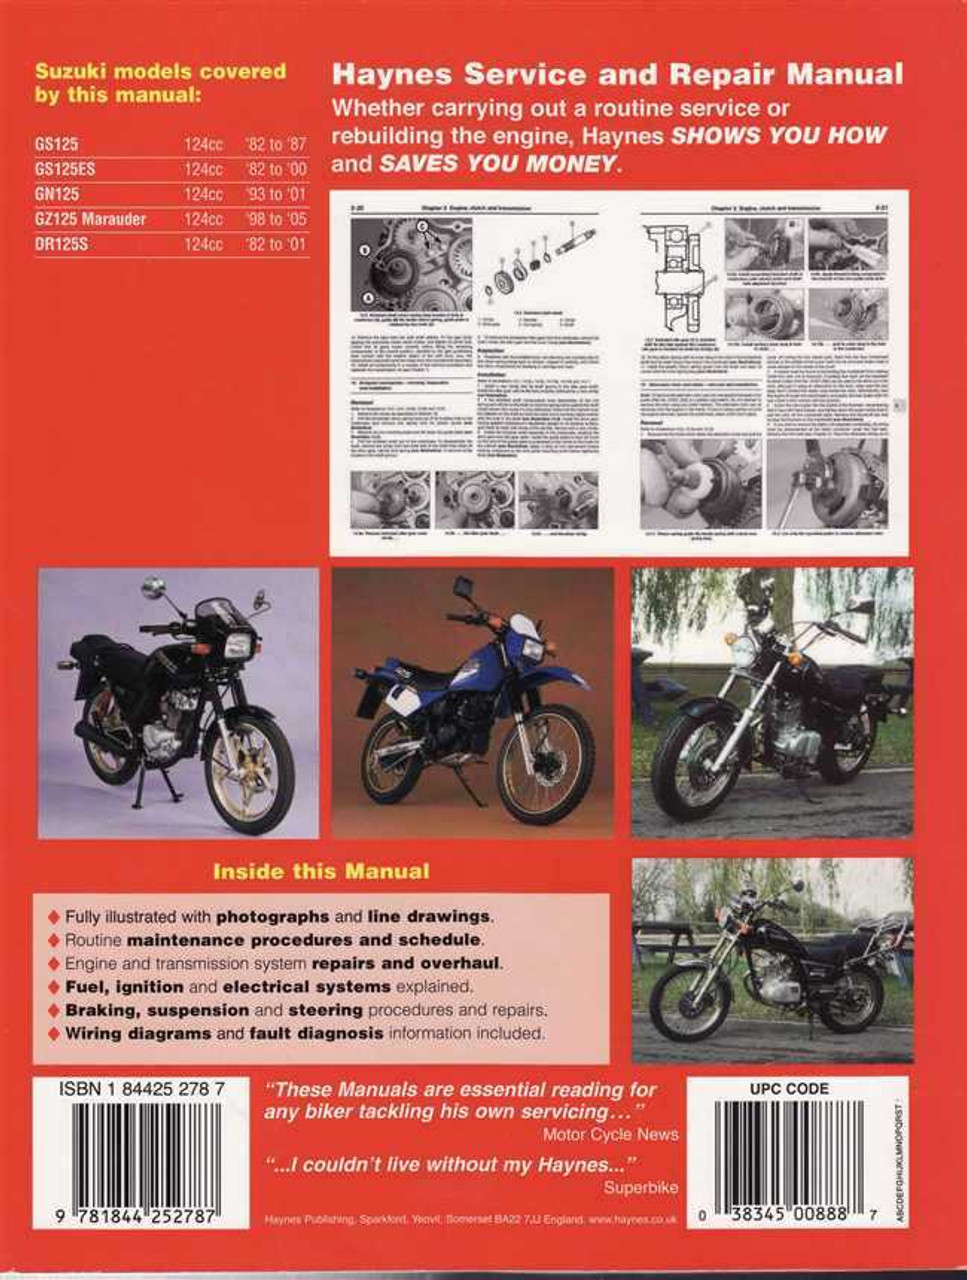 Suzuki GS125, GS125ES, GN125, GZ125, DR125S 1982 - 2005 Workshop Manual